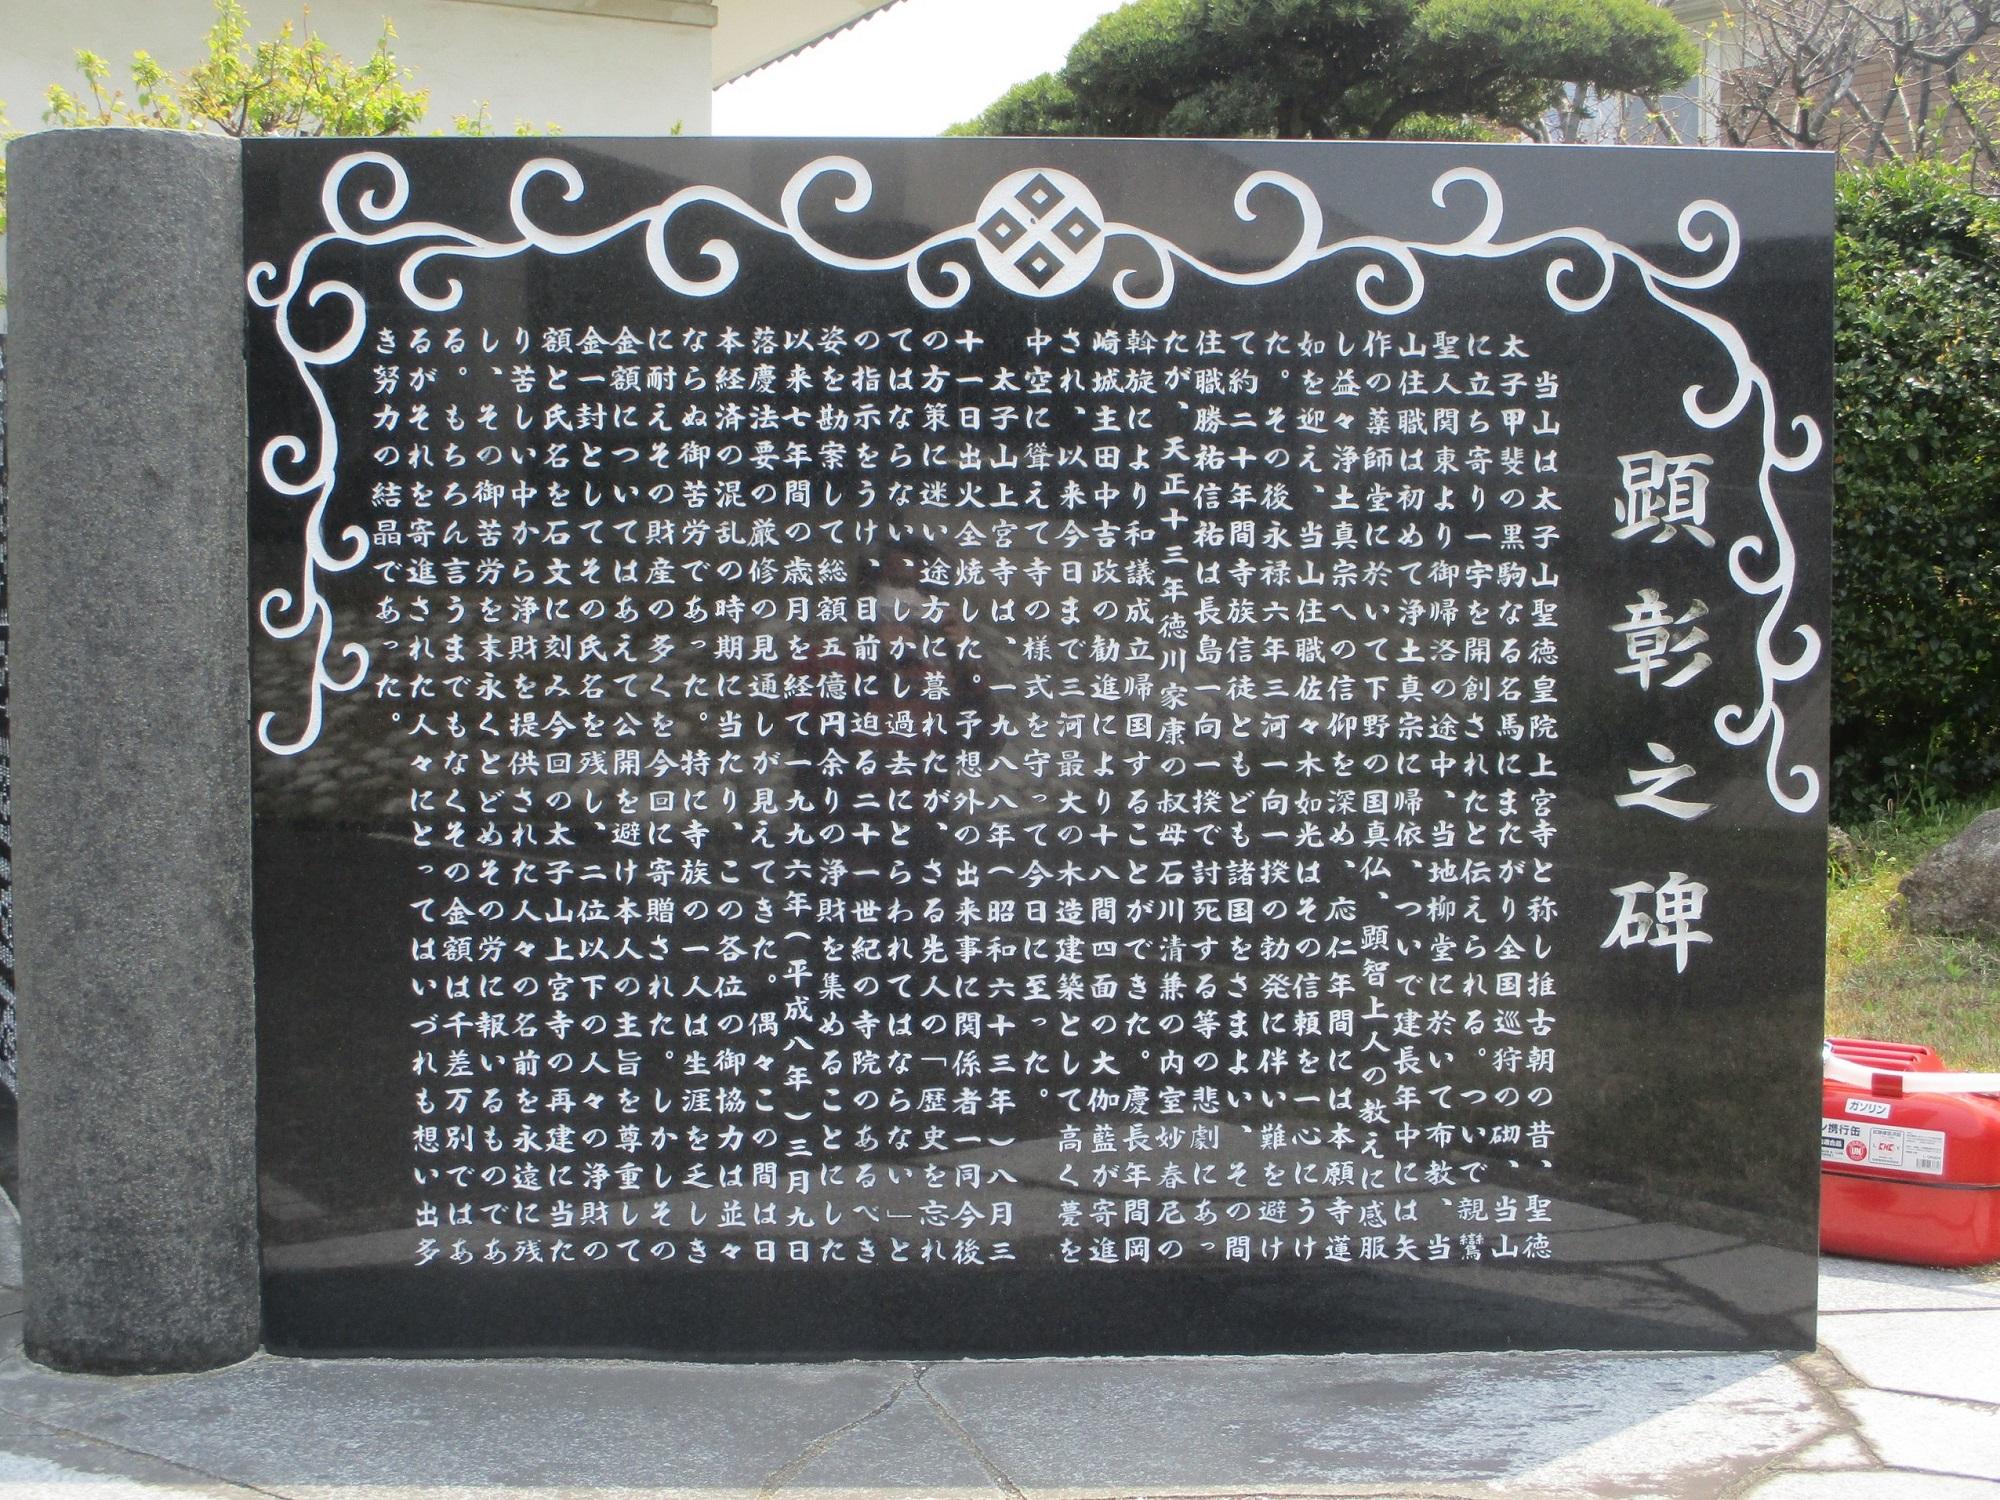 2020.4.16 (11) 上宮寺 - 顕彰のいしぶみ 2000-1500